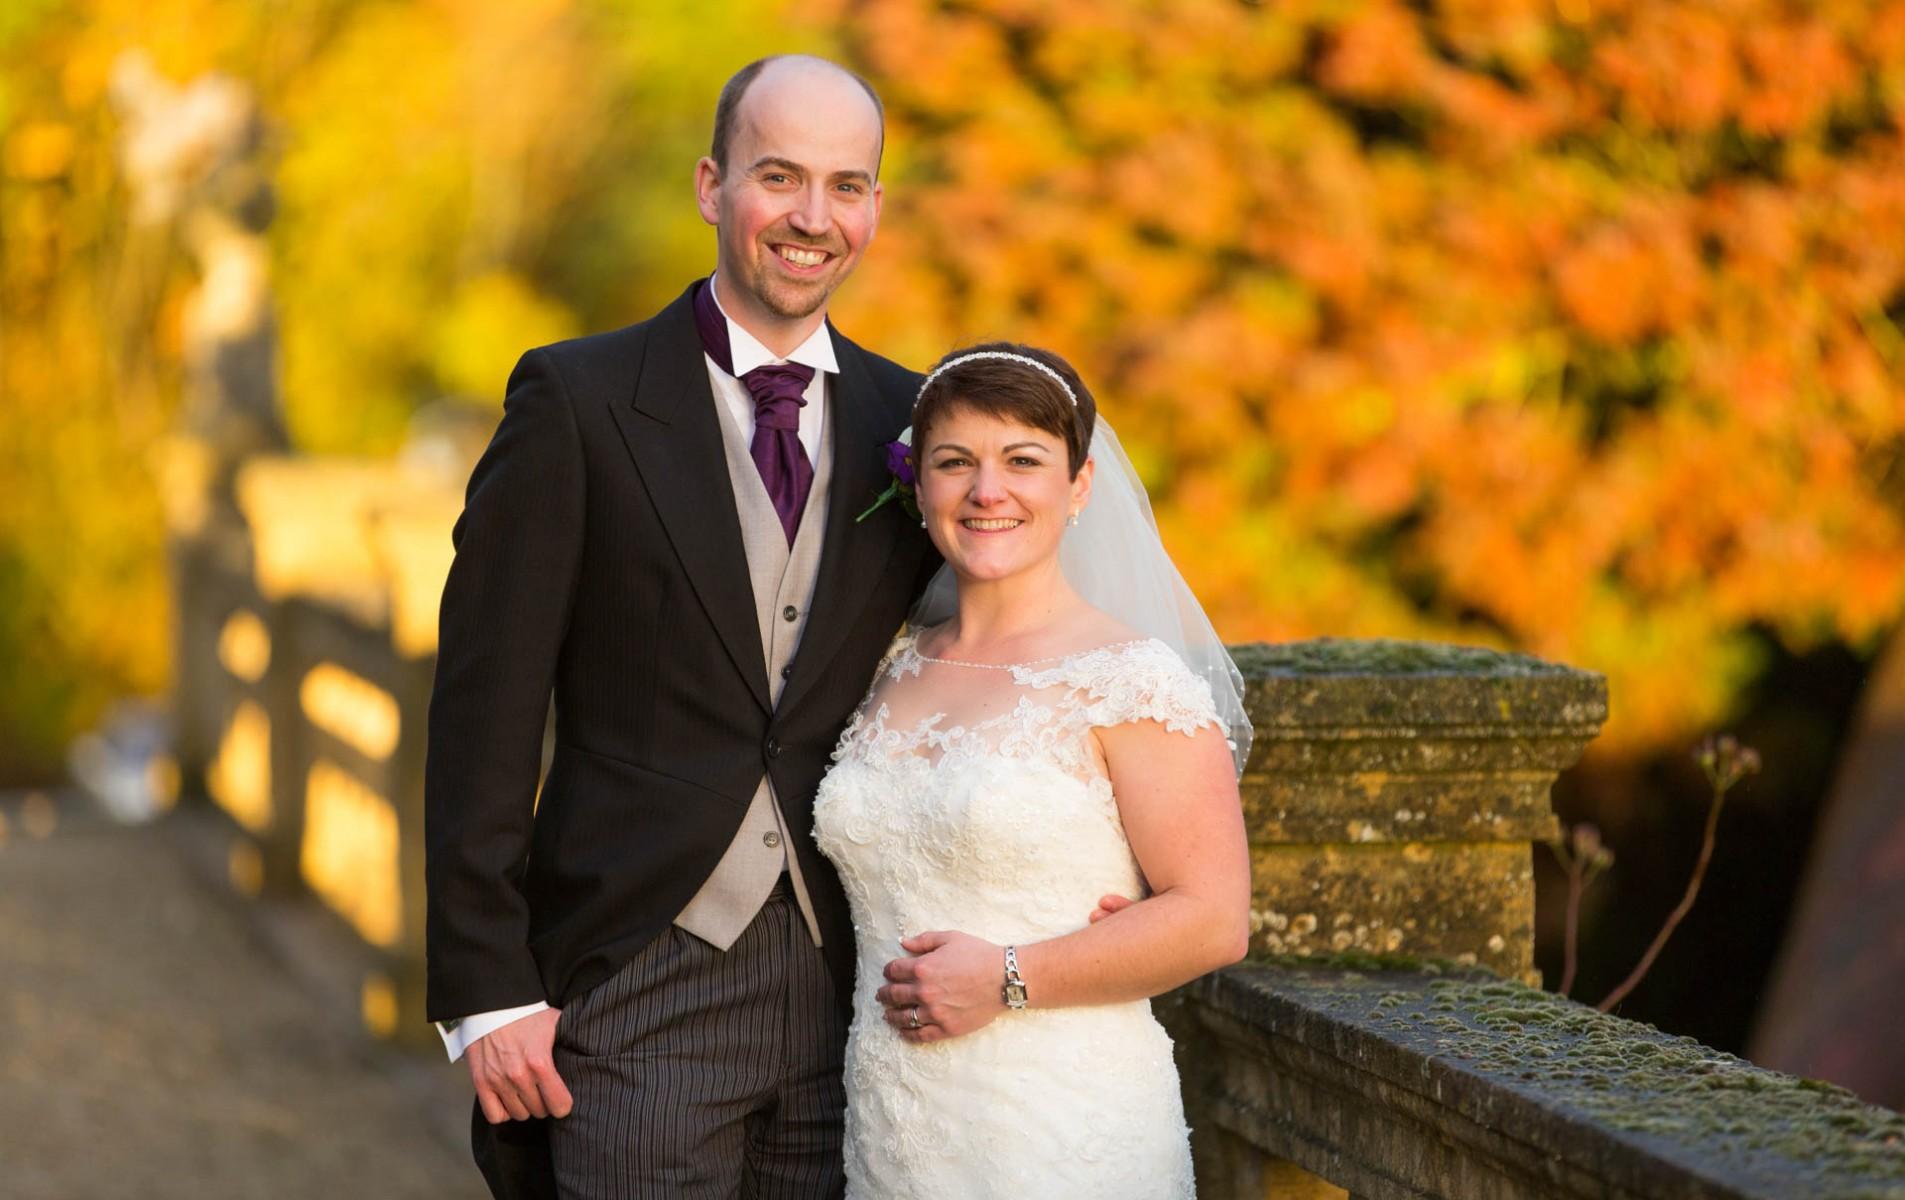 Eynsham Hall Wedding - Carolyn and Simon